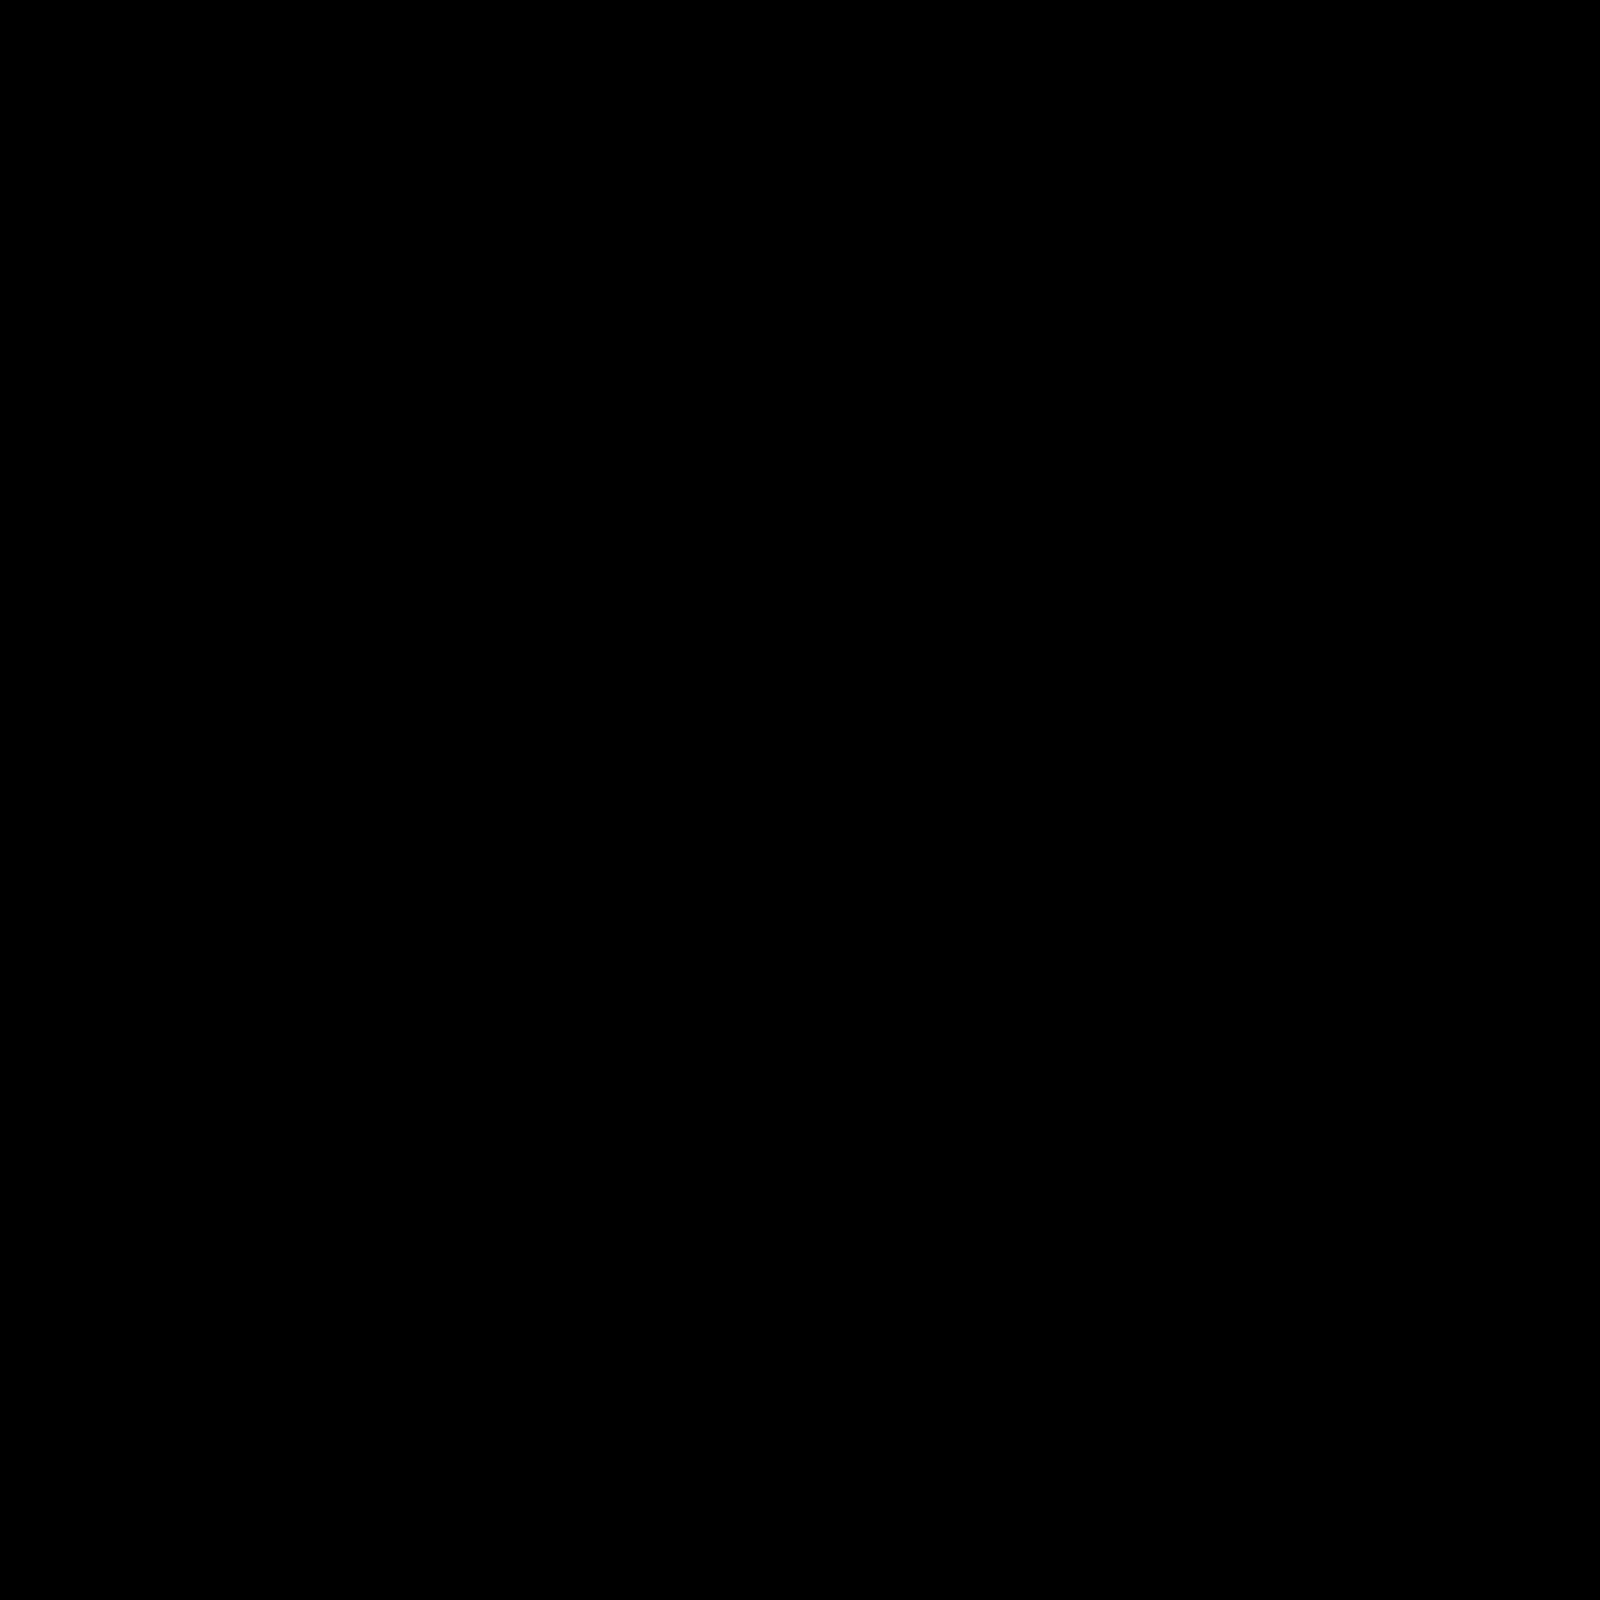 侦探 icon. The icon consists of a stylized eye within a magnifying glass. The eye is composed of curved lines and a solid black circle, and the magnifying glass is the standard circle with a rectangle handle. This symbolizes an eye investigating something.